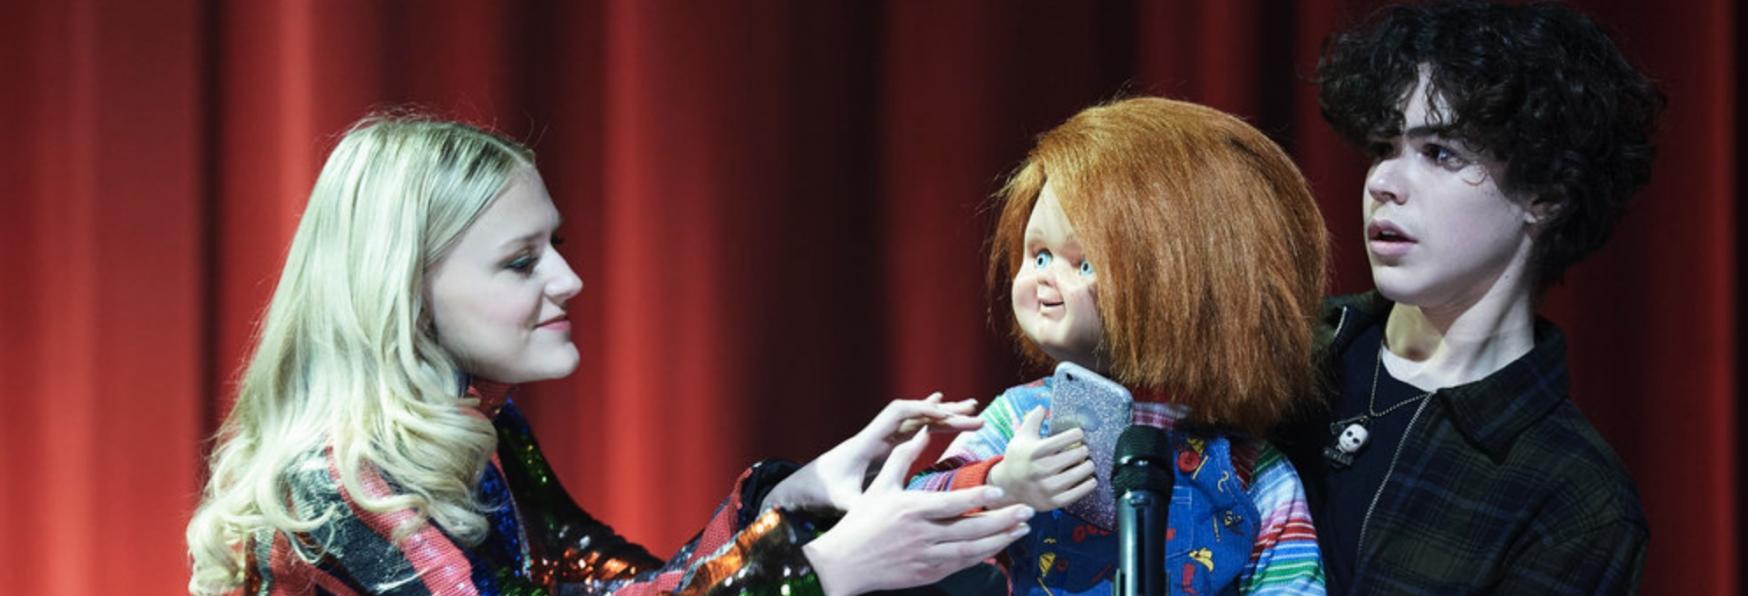 Chucky: il Creatore del Franchise Don Mancini svela le Origini della Serie TV targata SYFY